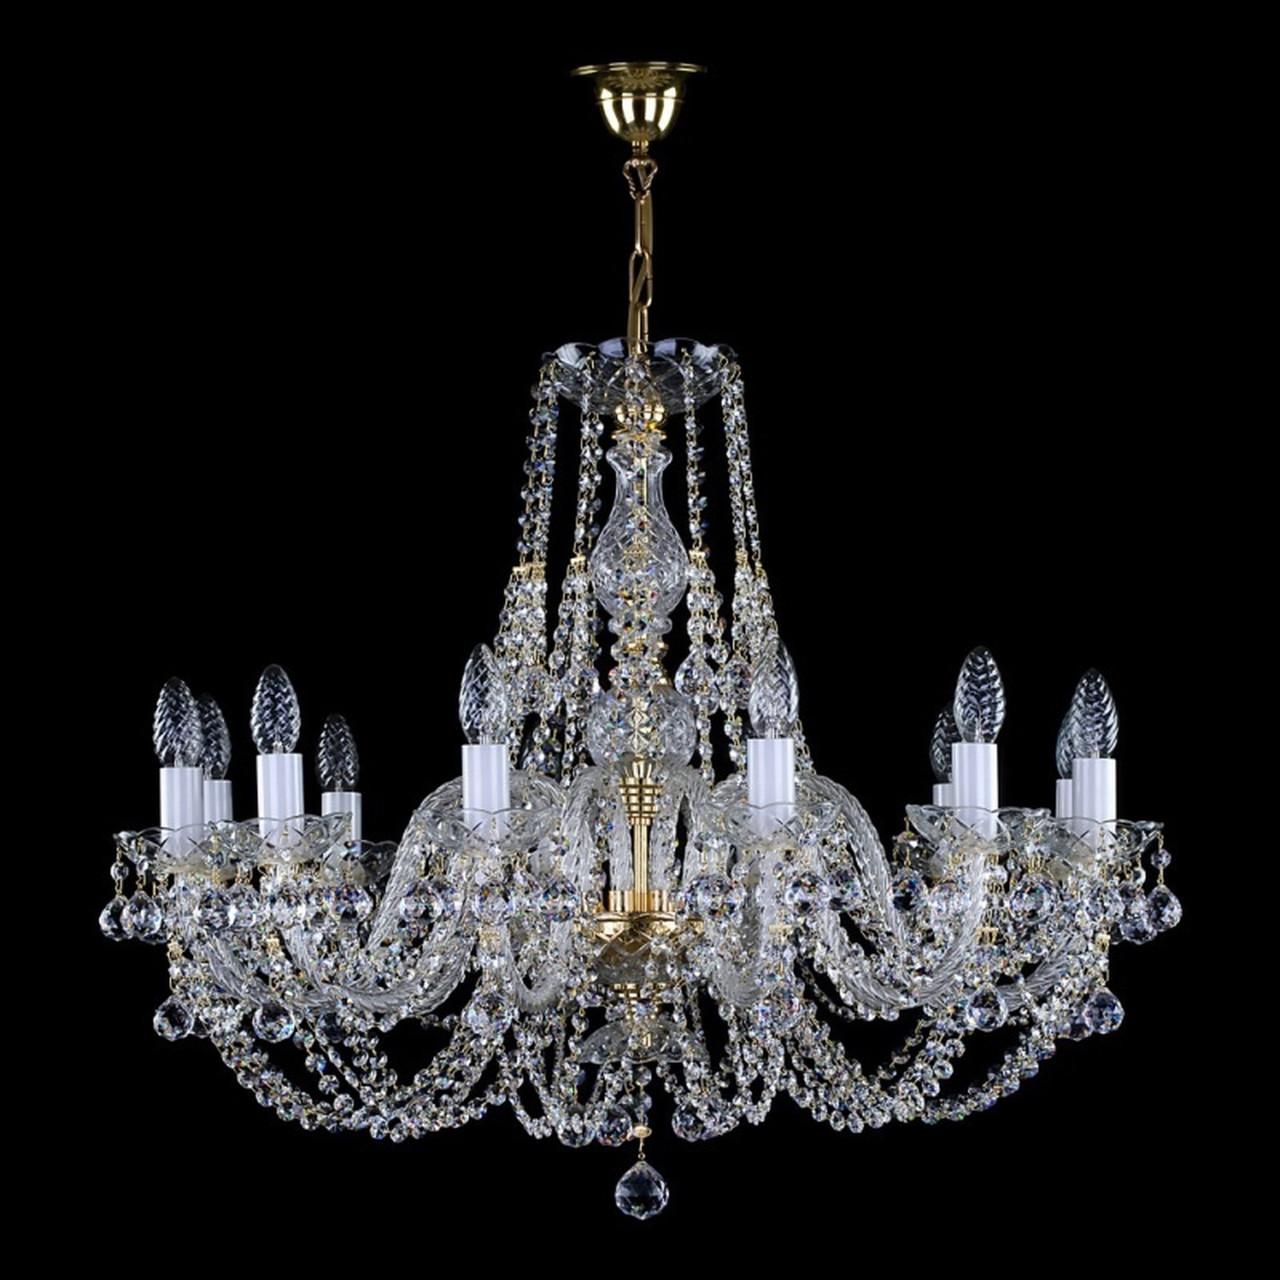 Люстра хрустальная 12 ламповая для большой комнаты  Андула -12